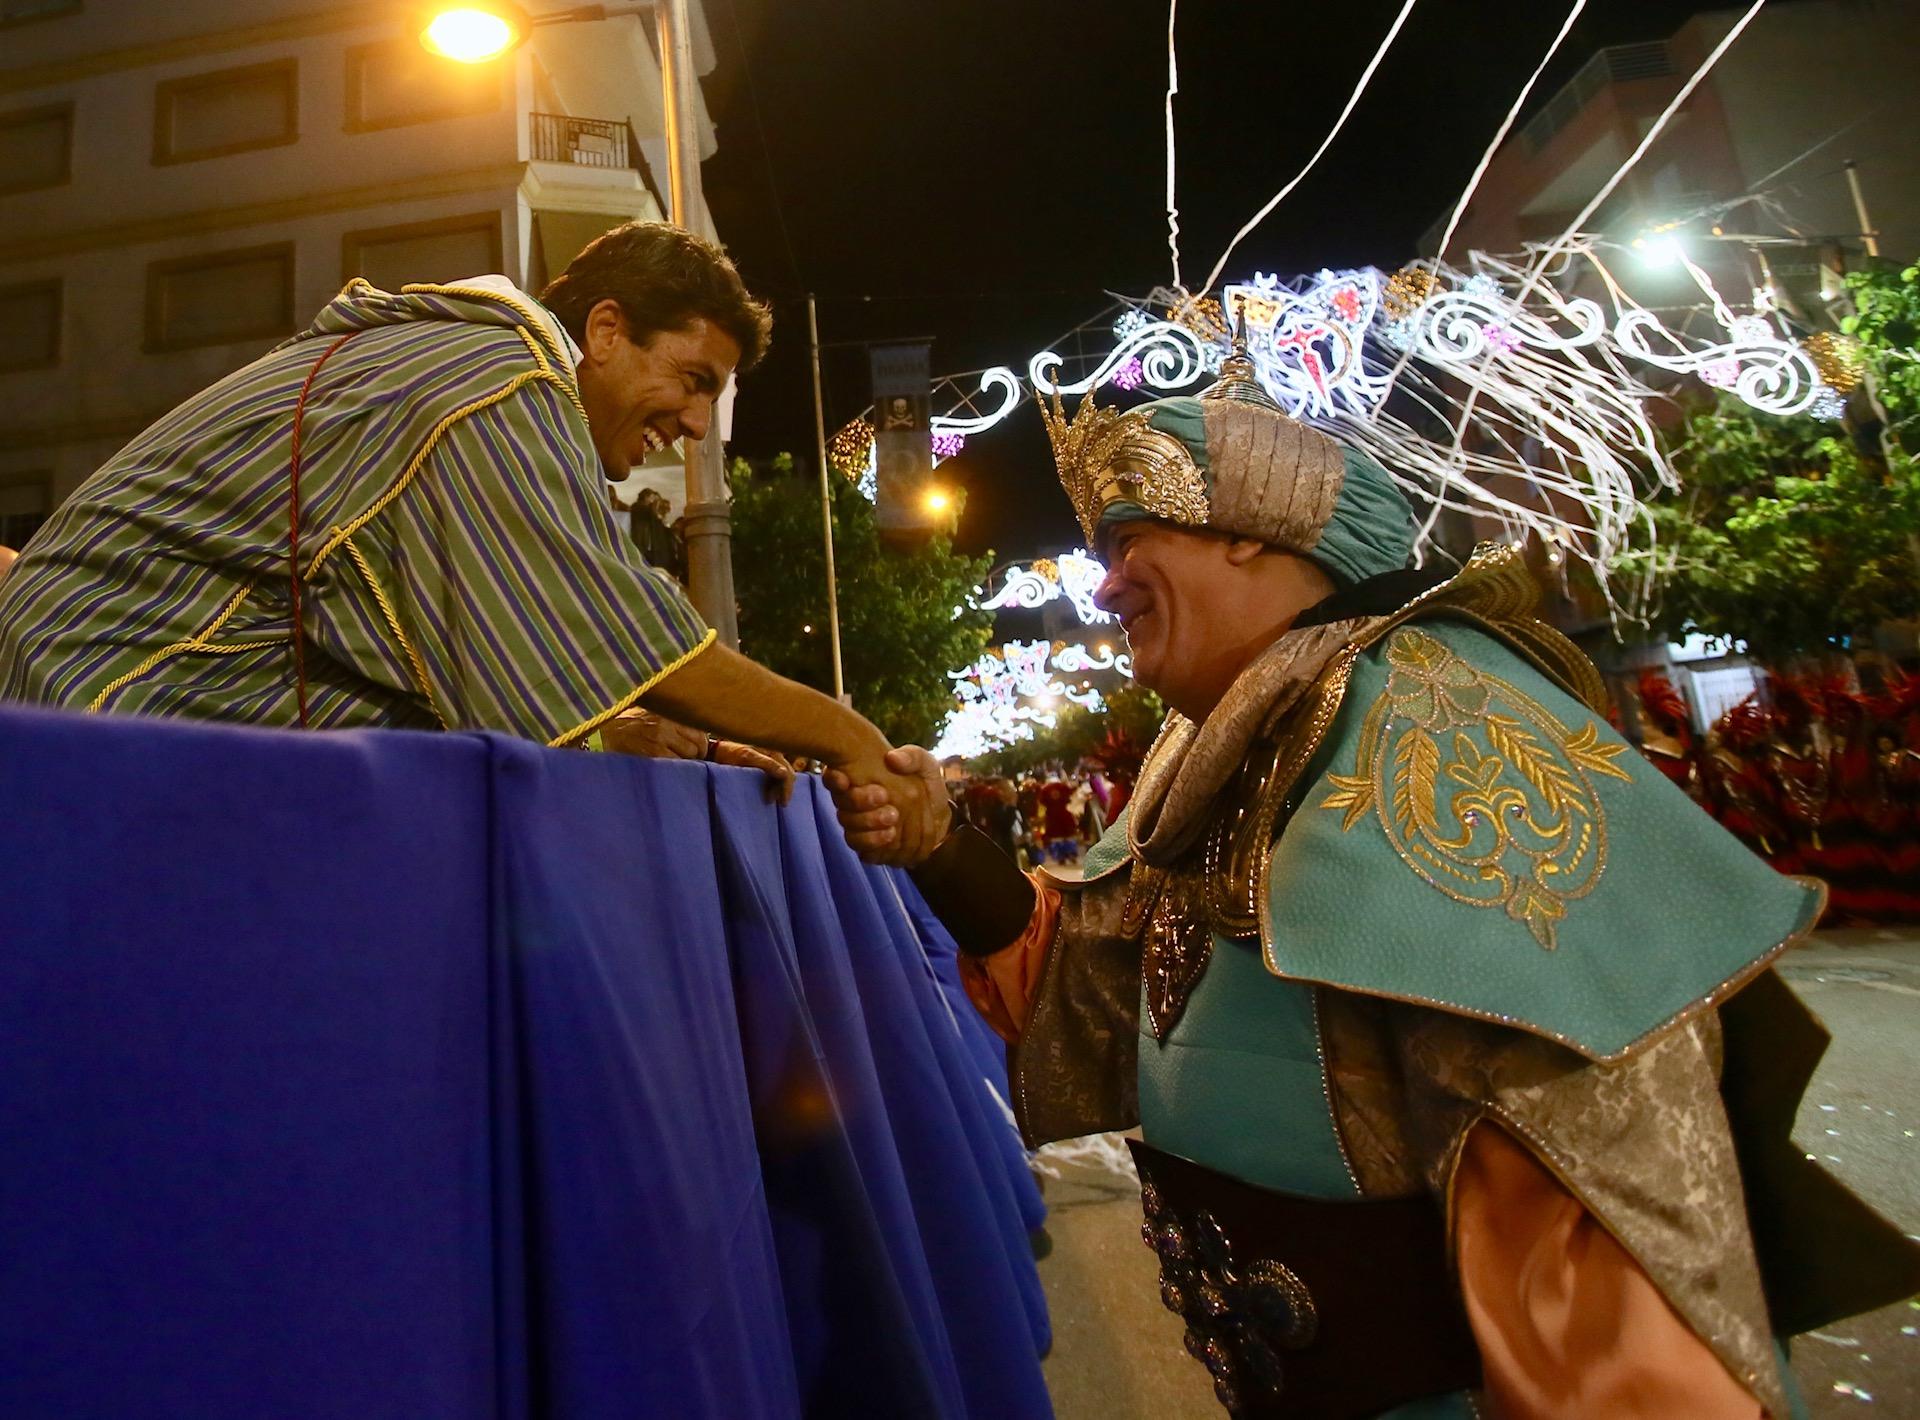 El presidente de la Diputación de Alicante, Carlos Mazón, ha participado esta tarde en el Gran Desfile de la Entrada de Moros y Cristianos de Mutxamel